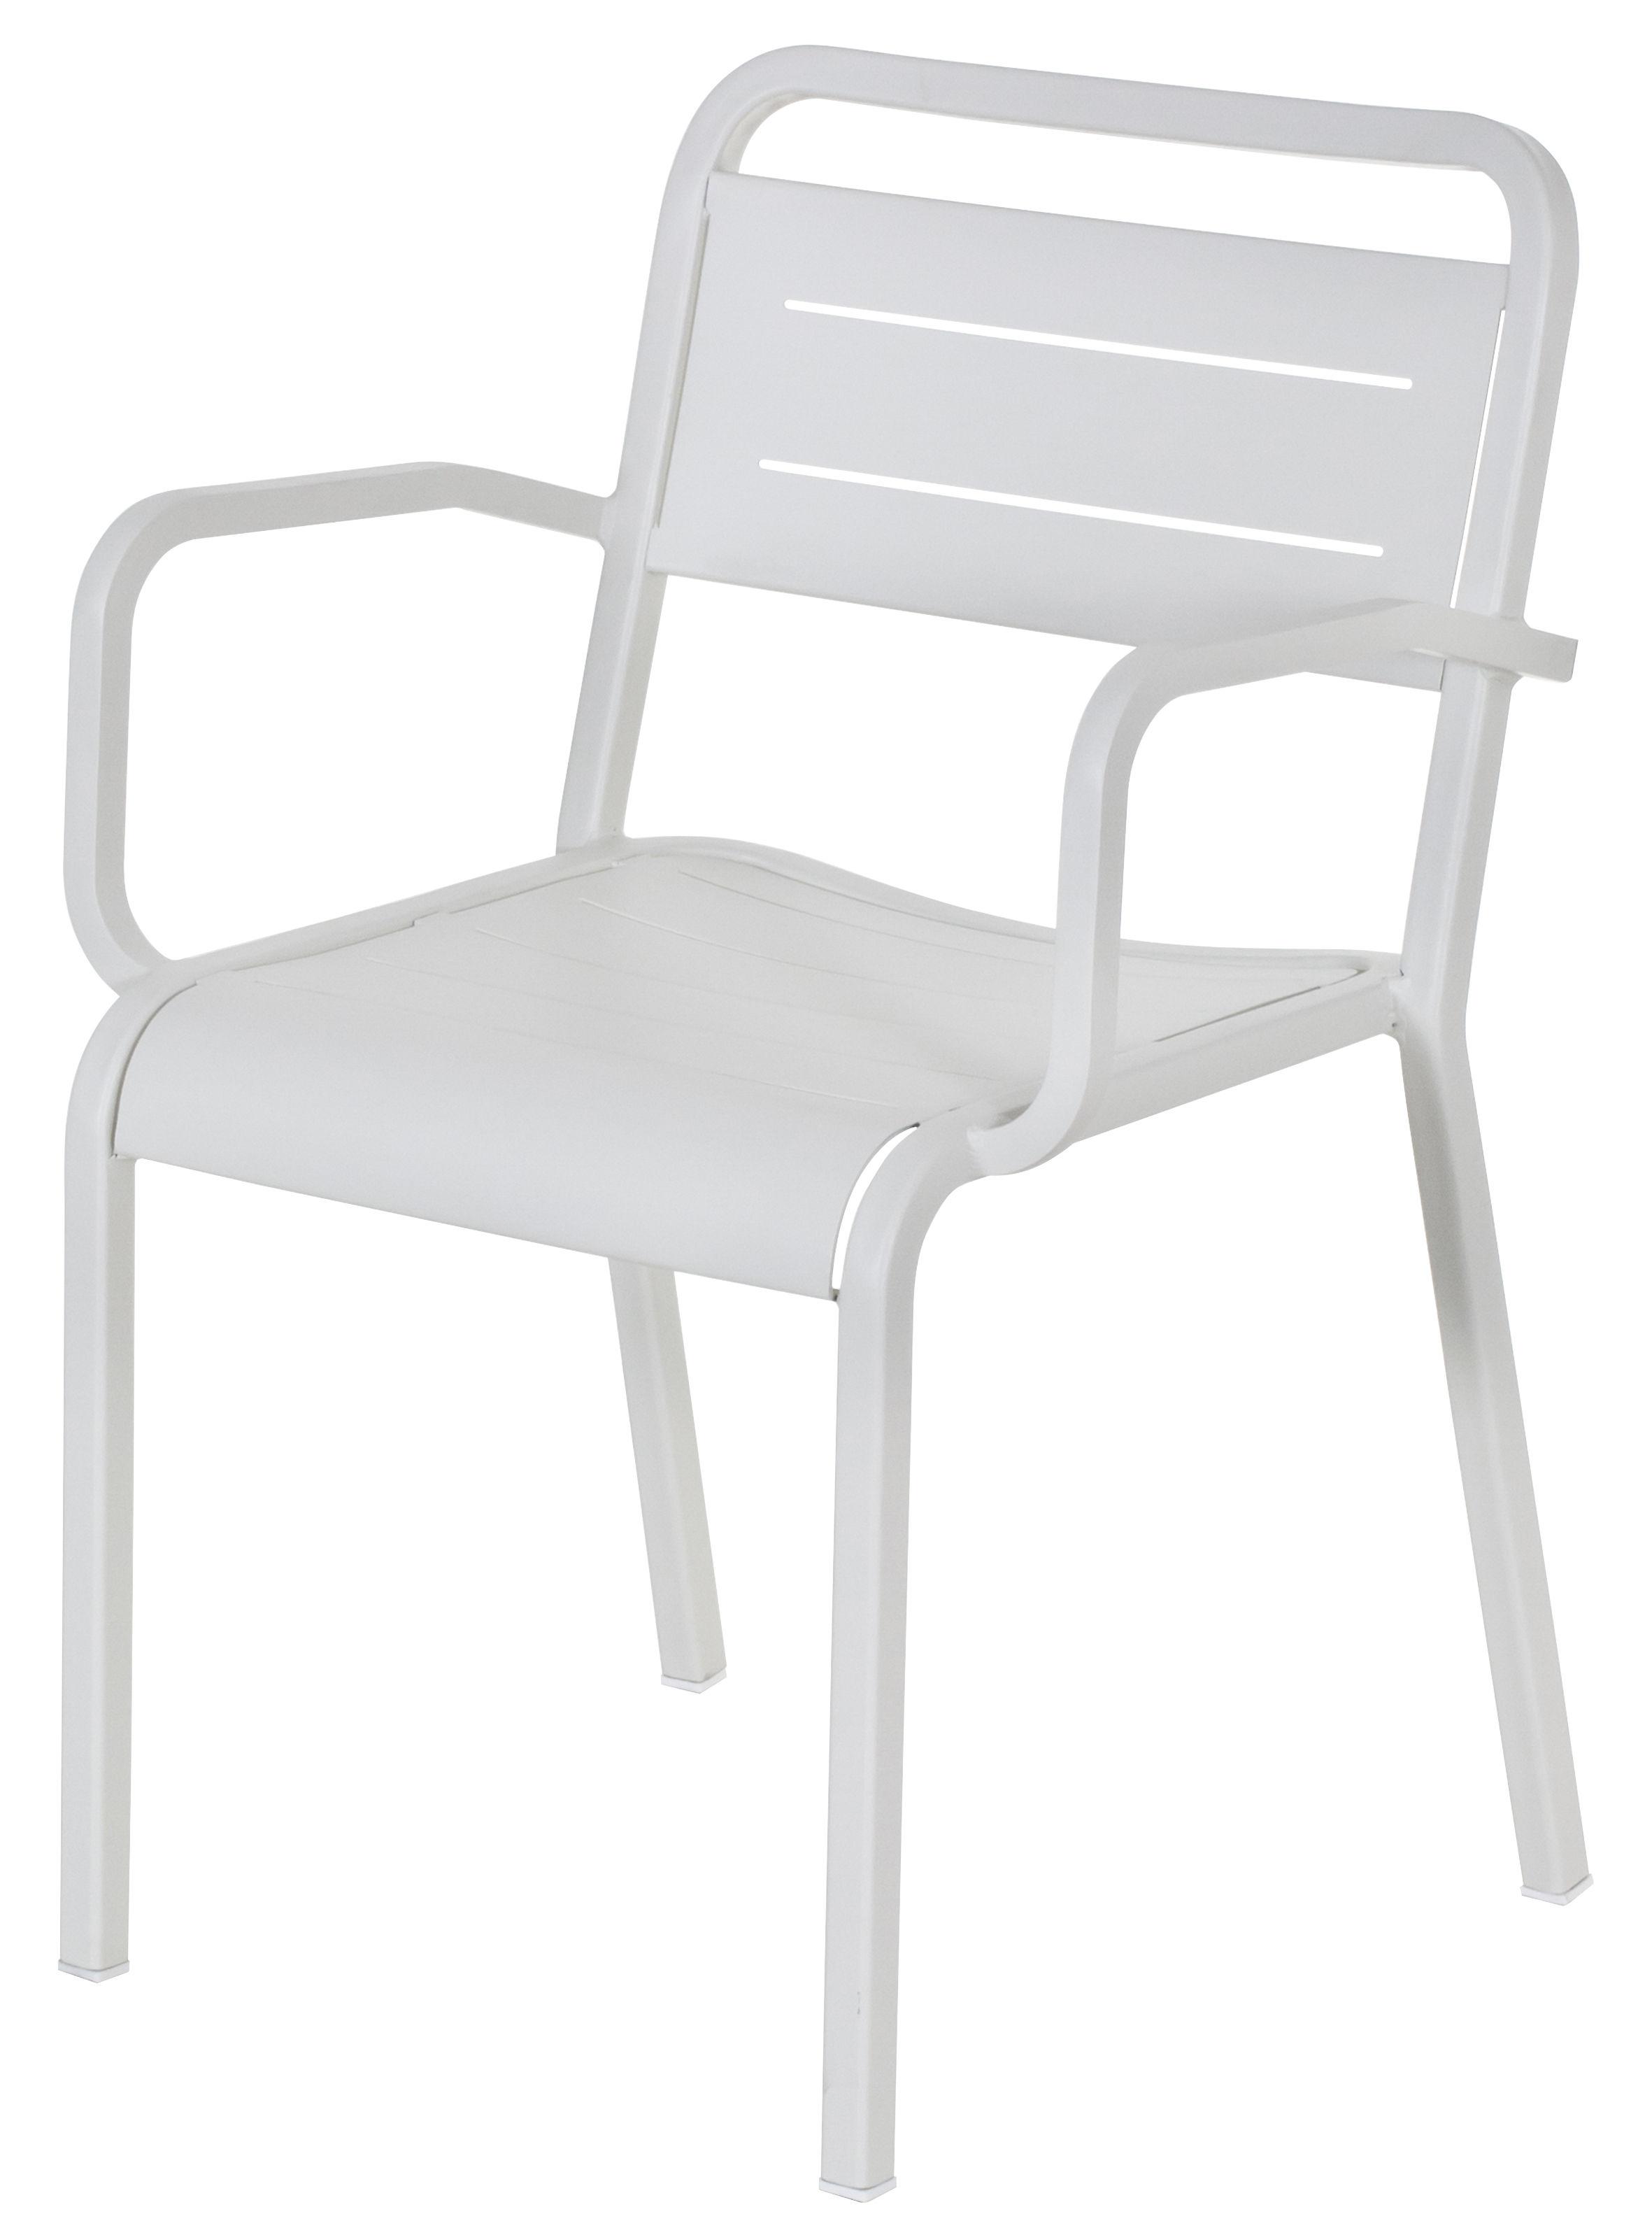 Mobilier - Chaises, fauteuils de salle à manger - Fauteuil empilable Urban / Métal - Emu - Blanc - Aluminium verni